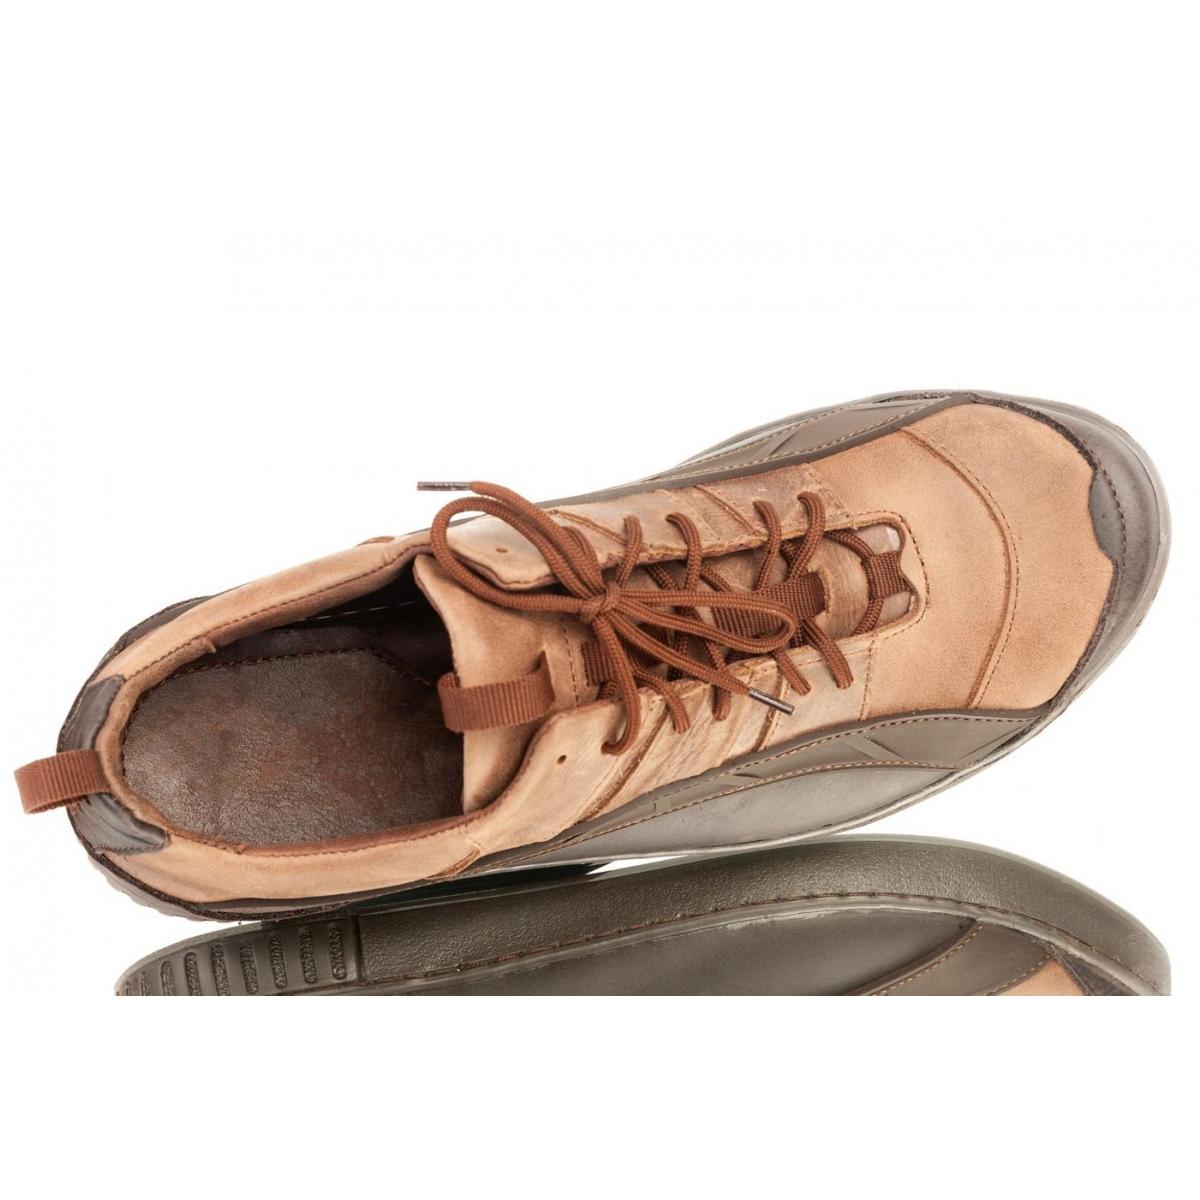 a3cba5cf2733 Pánske svetlohnedé topánky ELIAS - 4